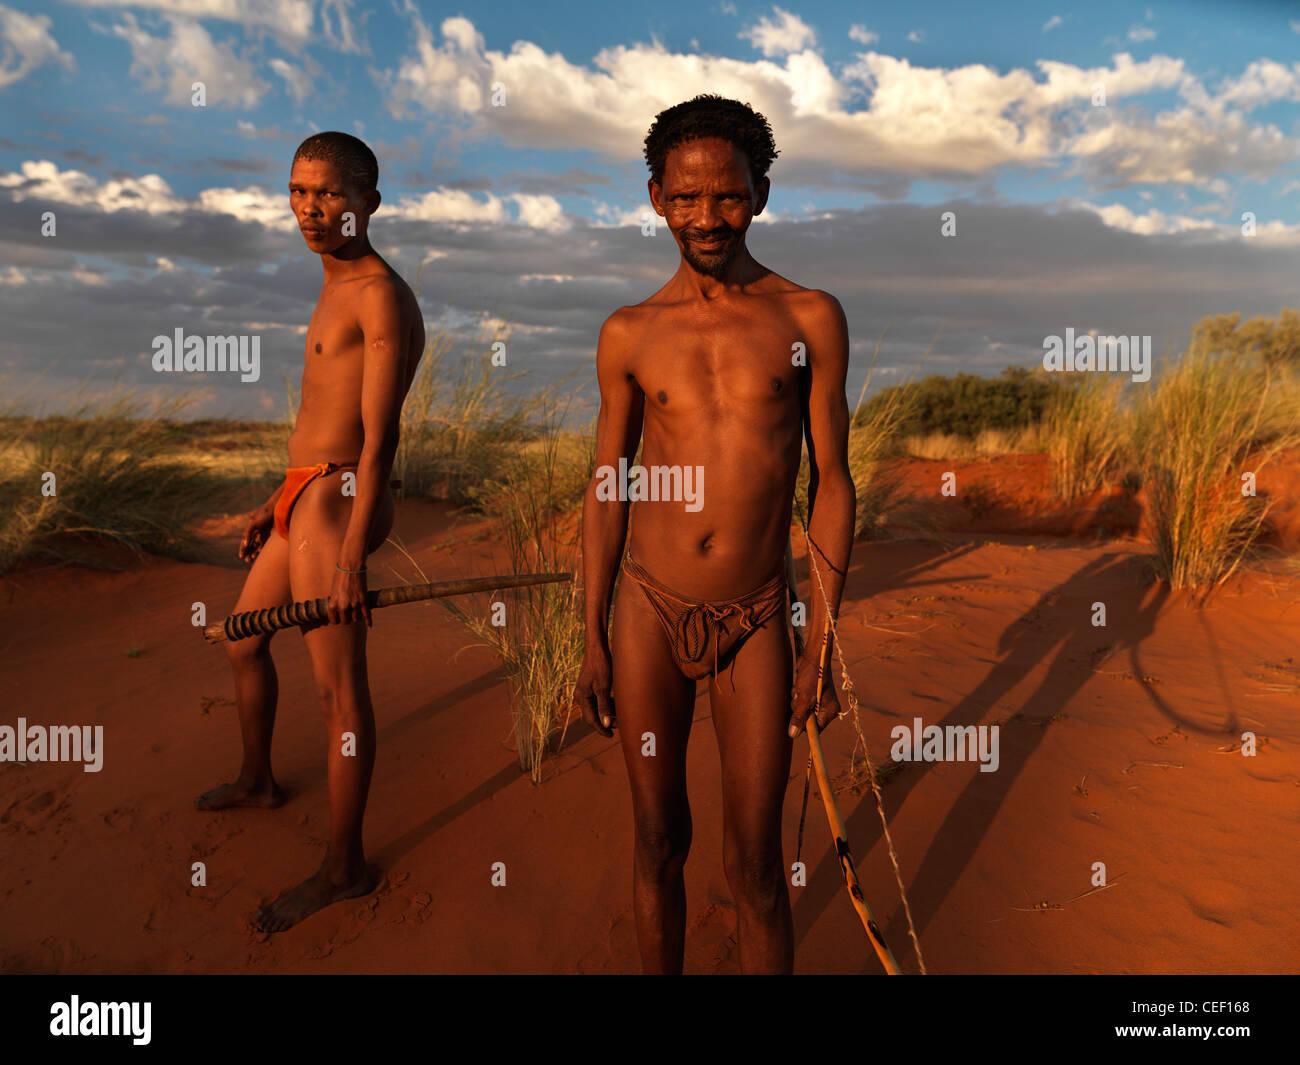 portrait of namibian bushmen - Stock Image